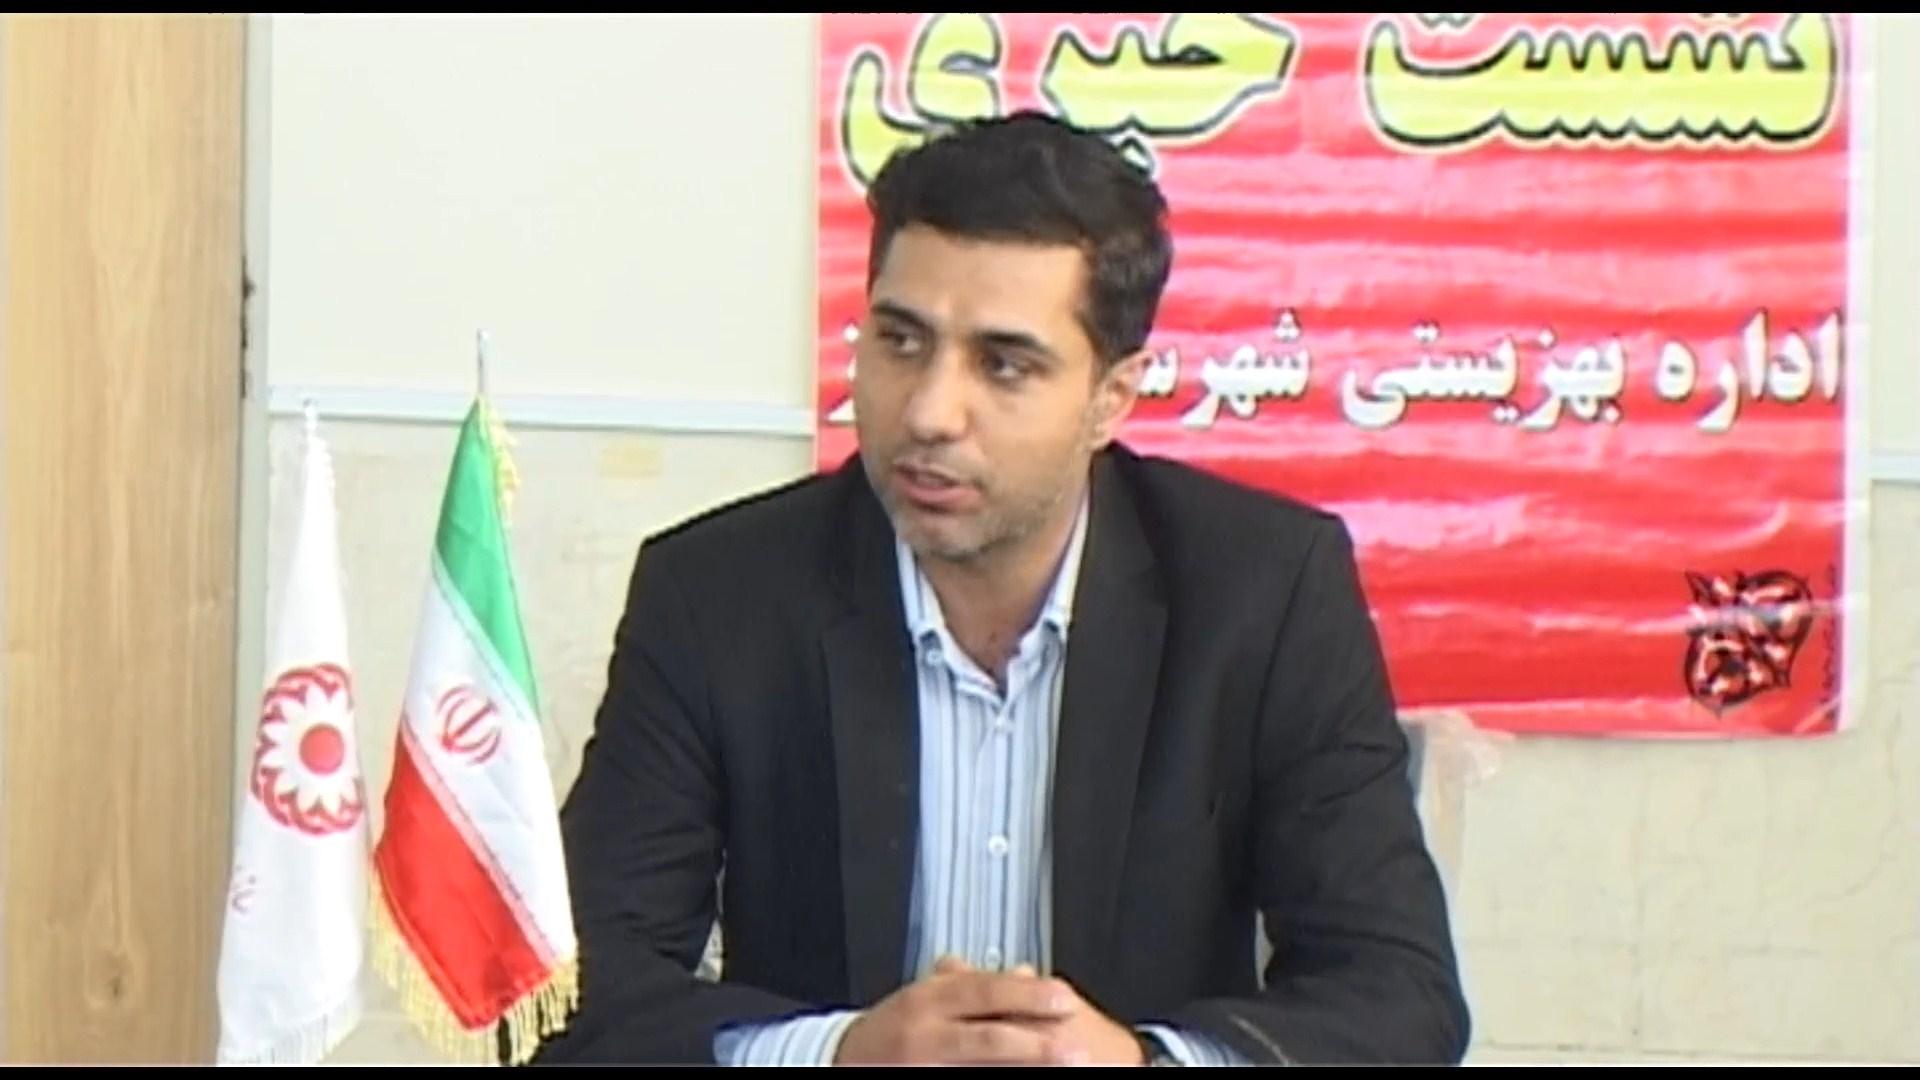 تحویل 16 واحد مسکونی مهر بهاران شهر بادرود به مددجویان